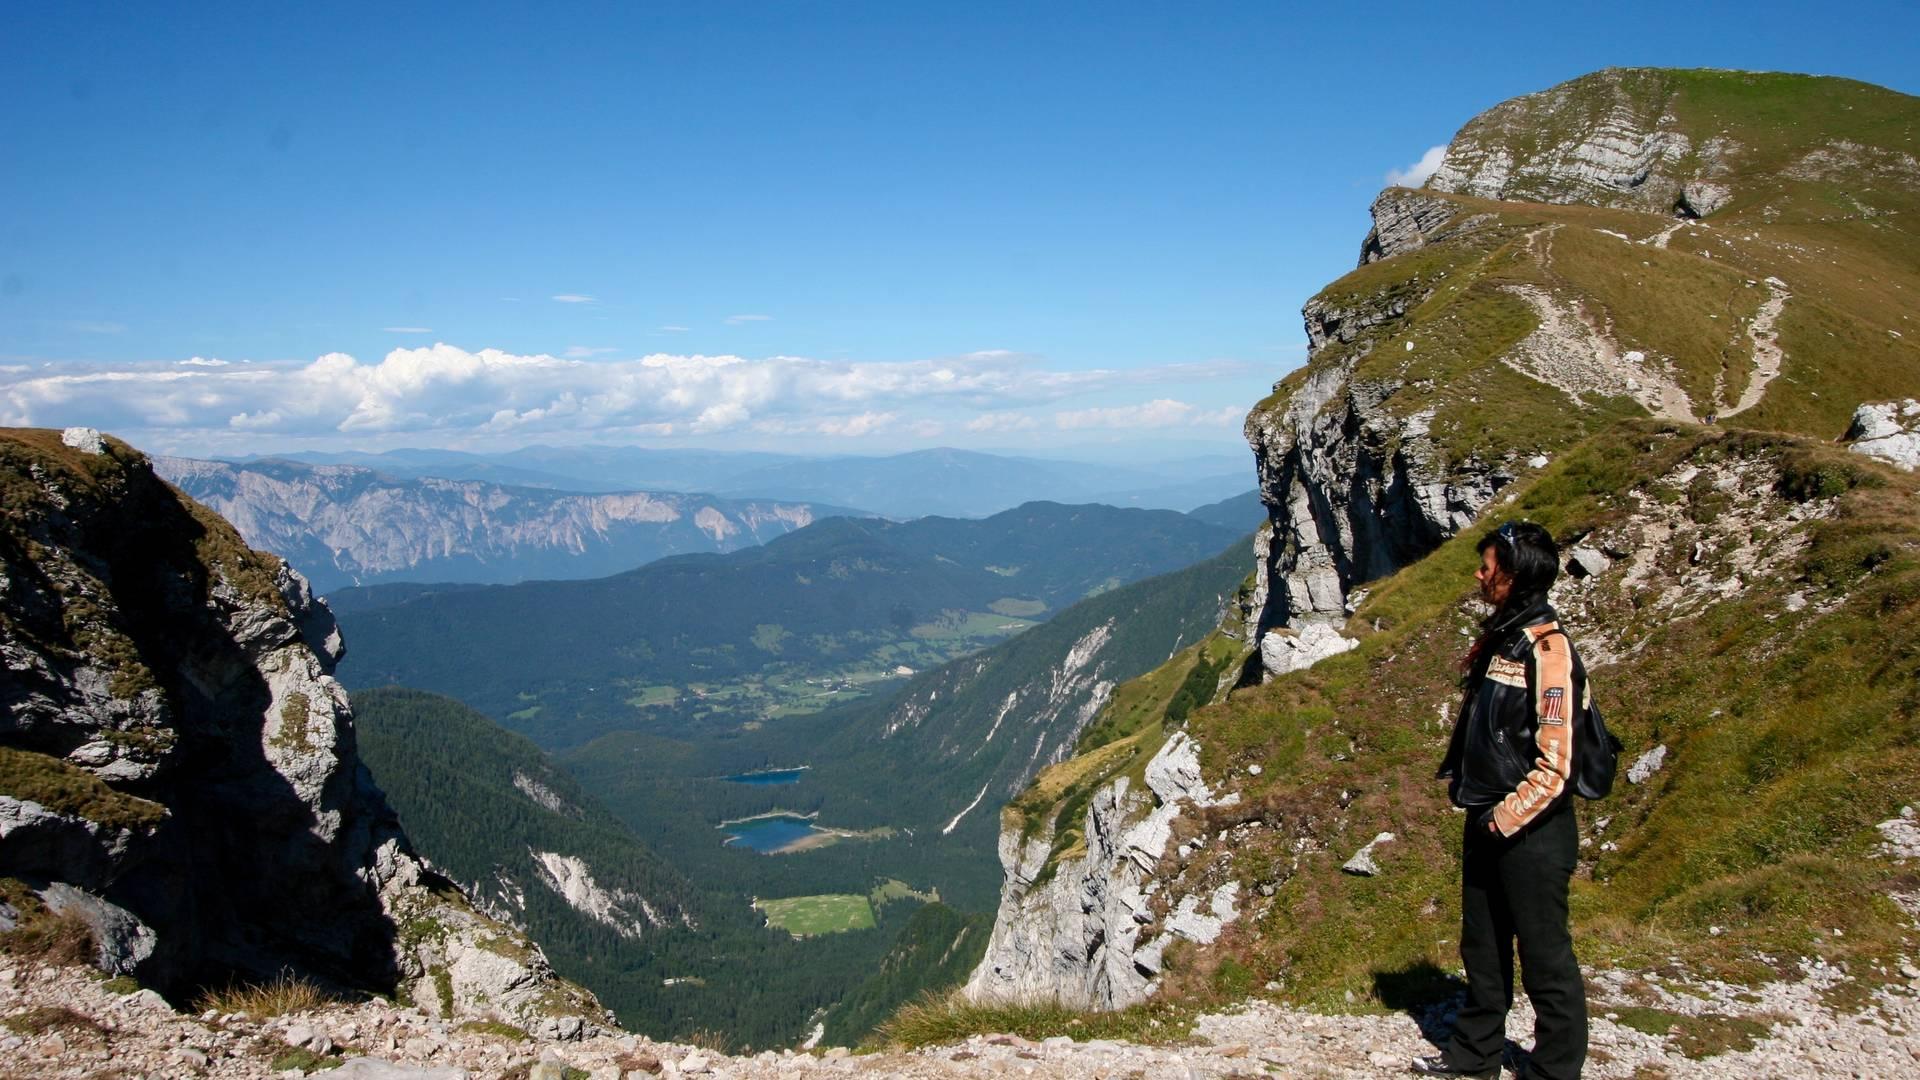 Blick auf die Weissenfelser Seen vom Mangart